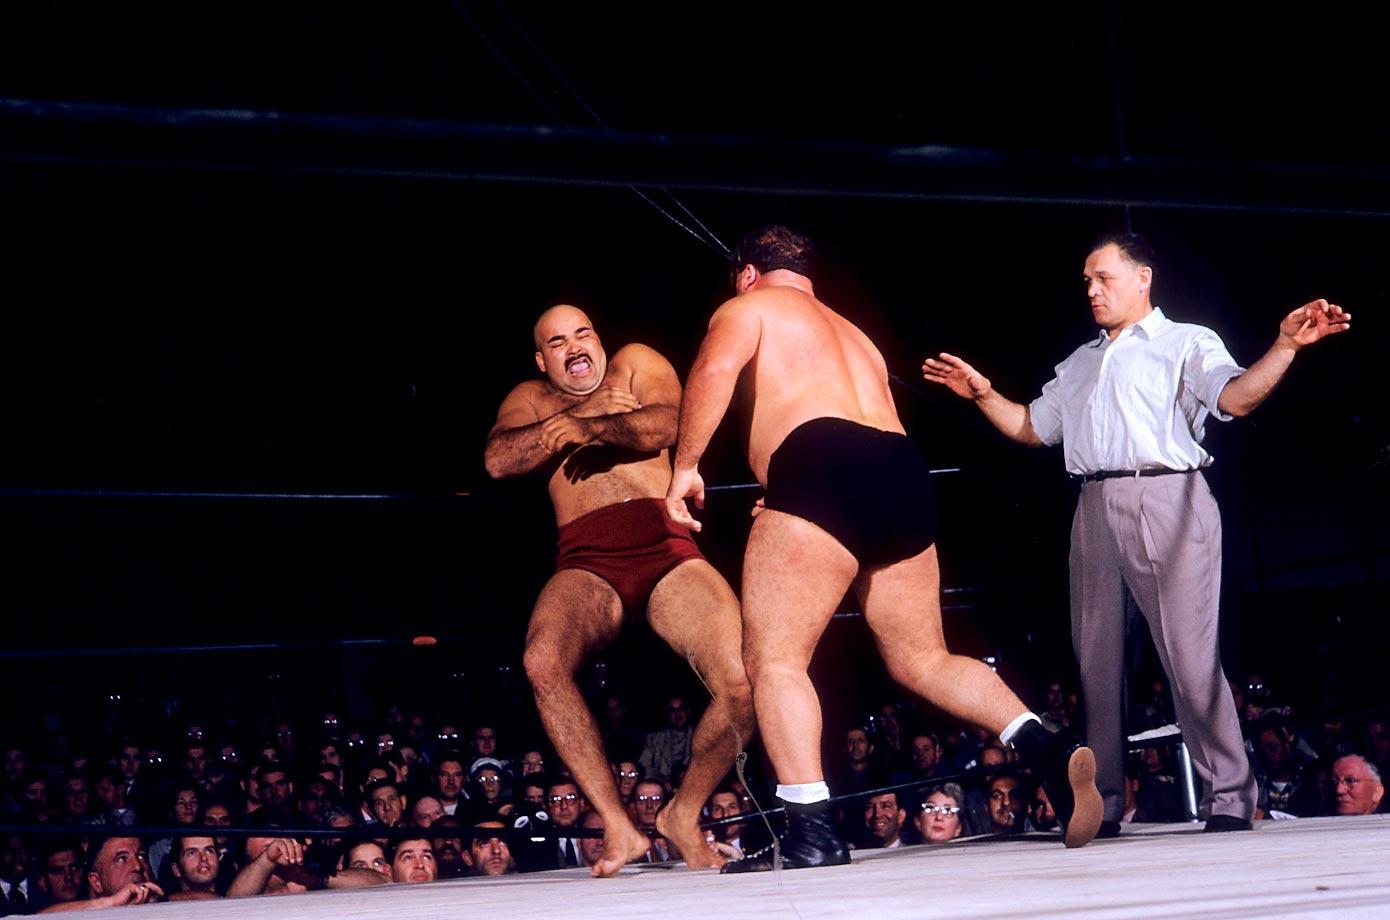 Mike DeBiasie against Kubla Khan.